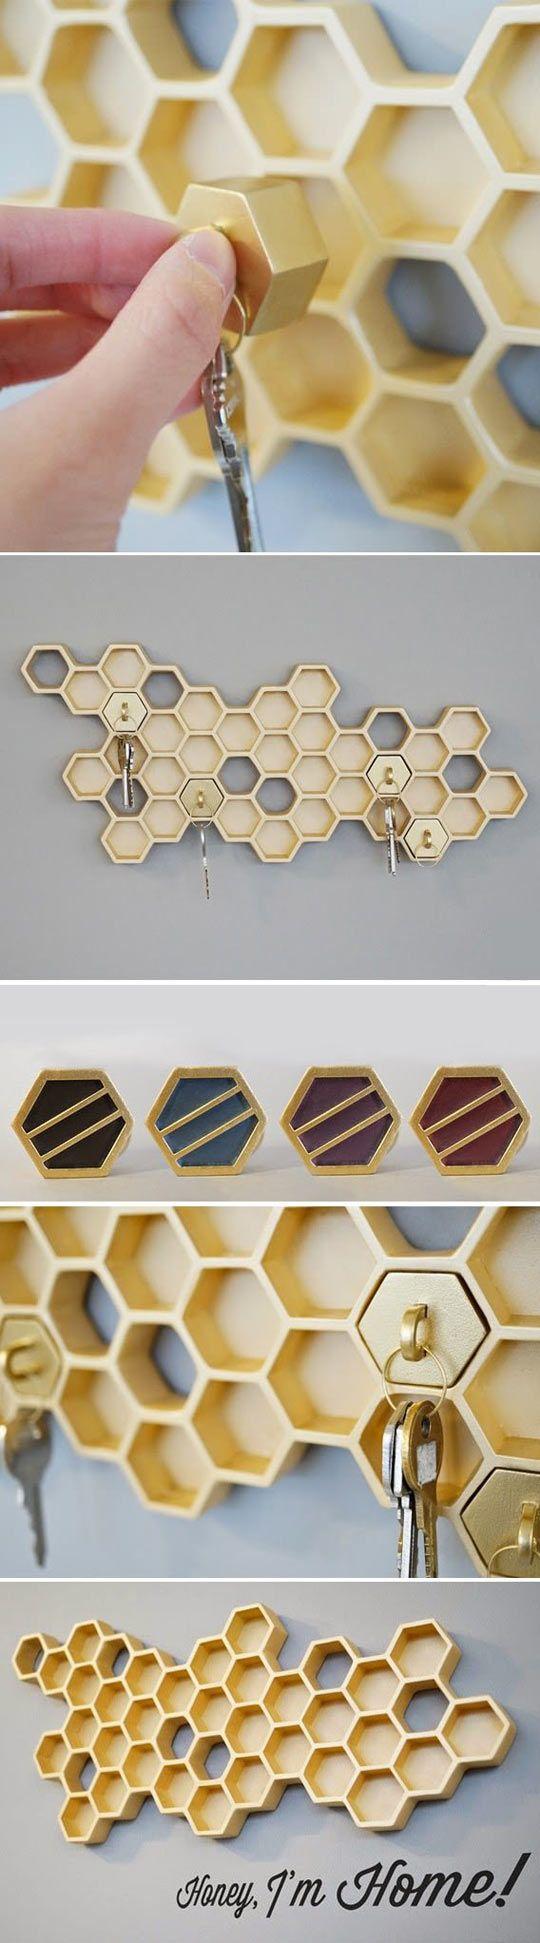 cool key holder honey bee nest design